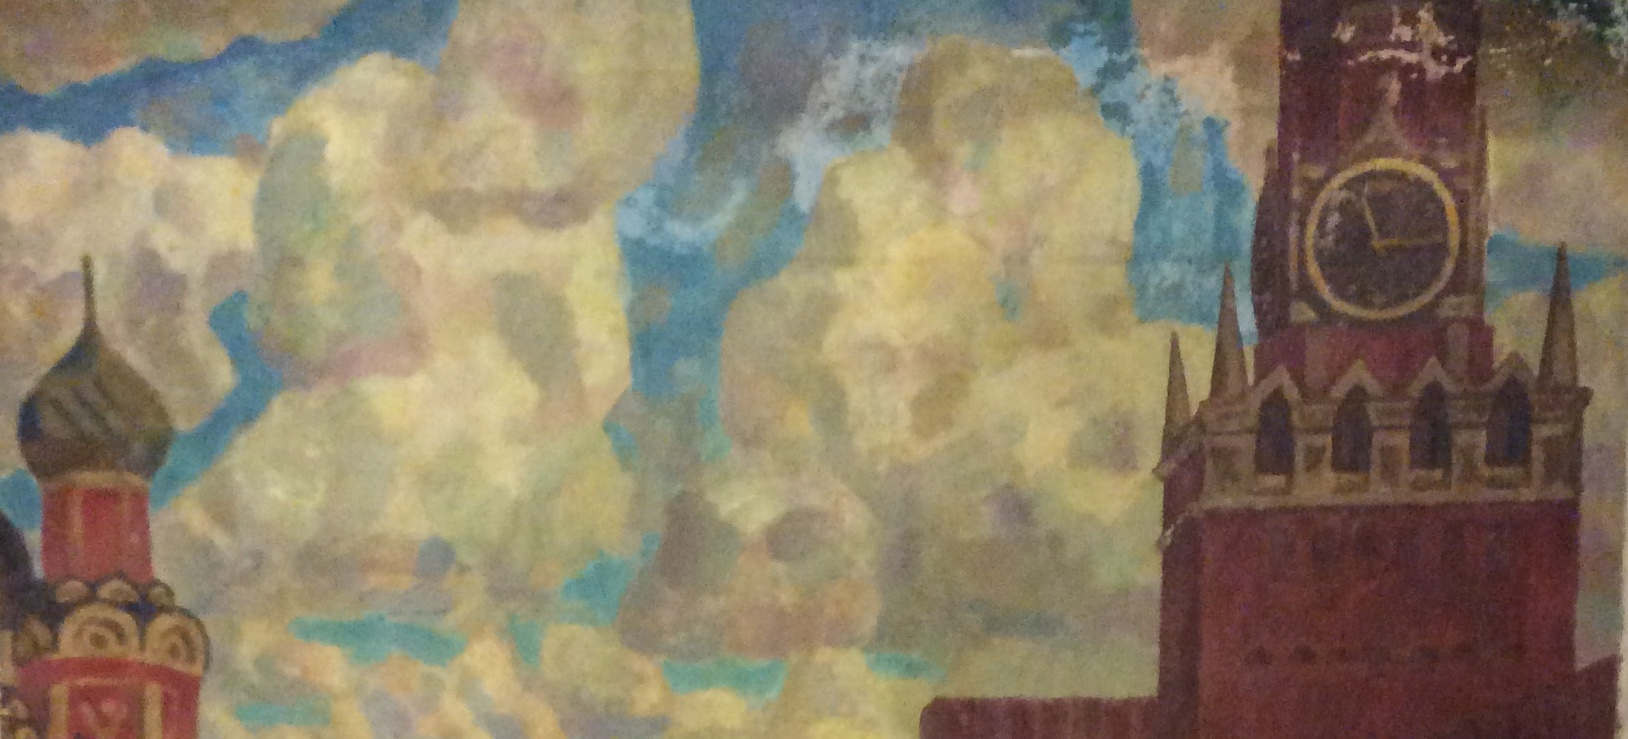 Диков Виктор Петрович. Космонавты на Красной площади. Ю.А. Гагарин, В.В. Терешков, А. Г. Николаев